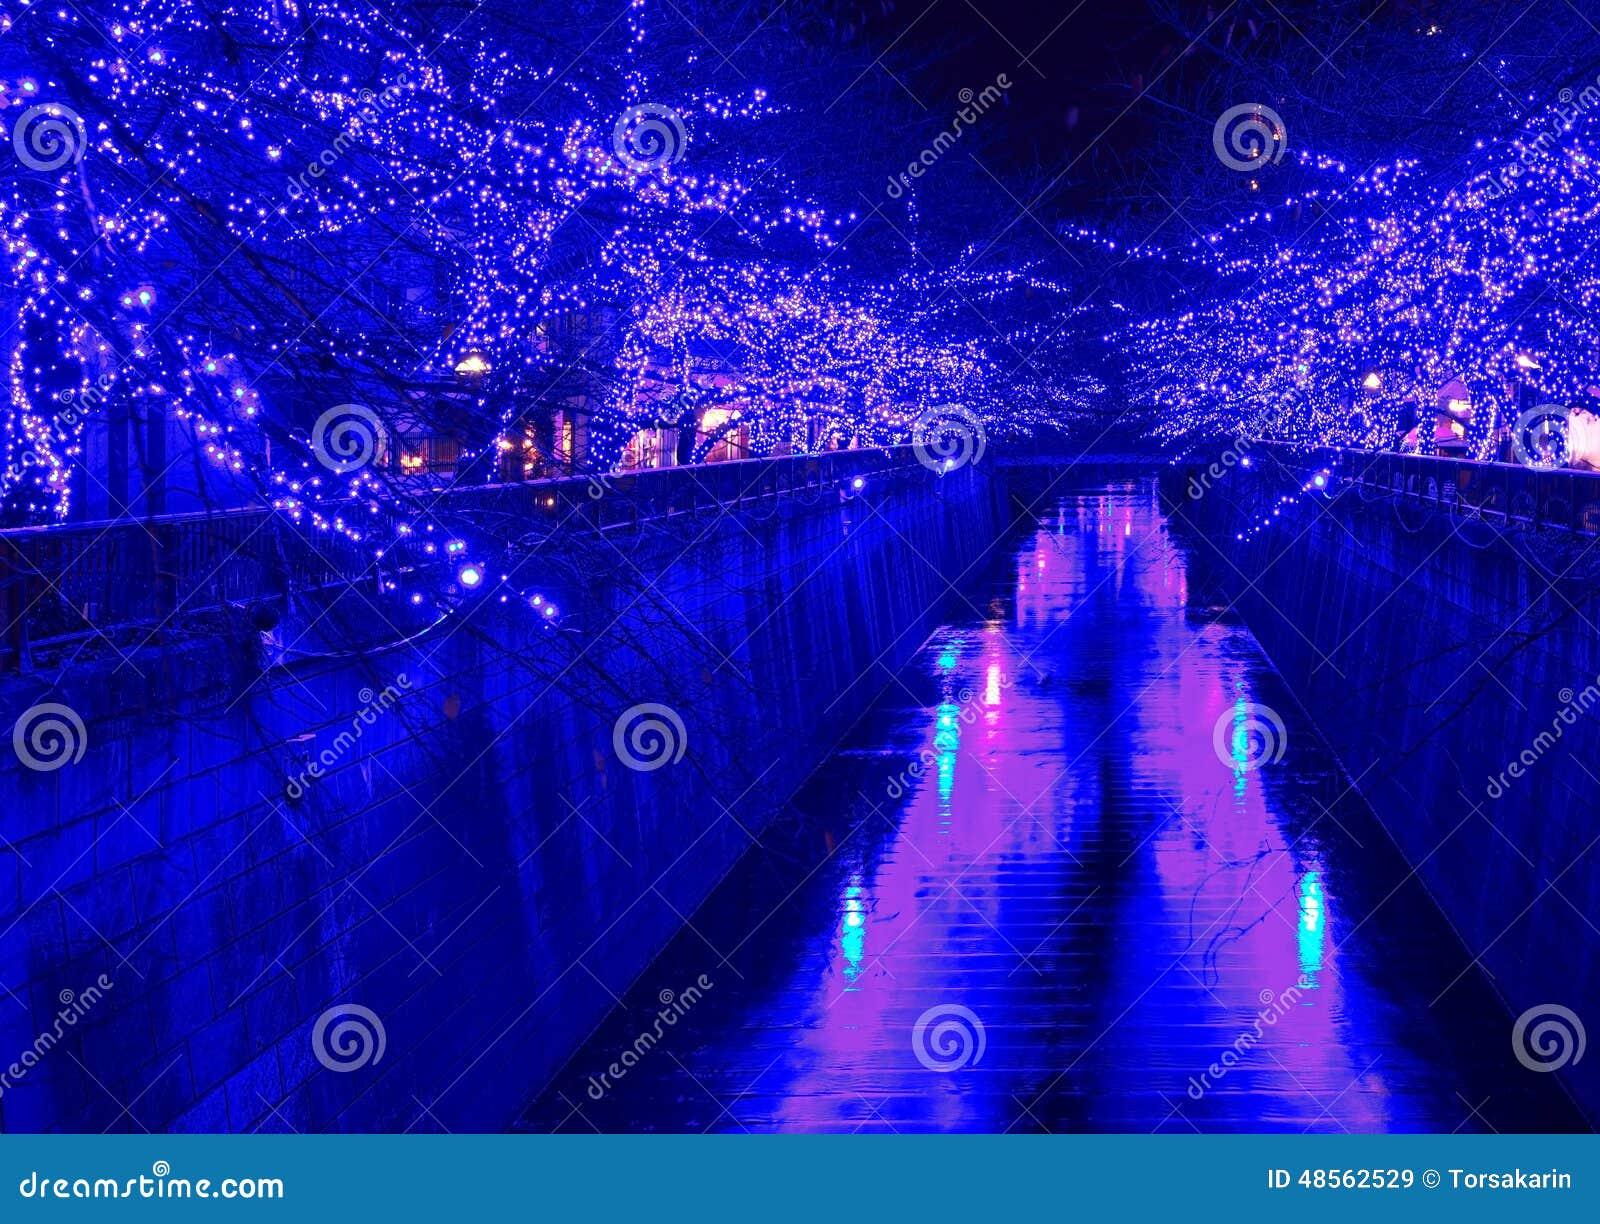 Blaue Weihnachtsbeleuchtung.Tokyo Weihnachtsbeleuchtung Stockbild Bild Von Besichtigung Stadt